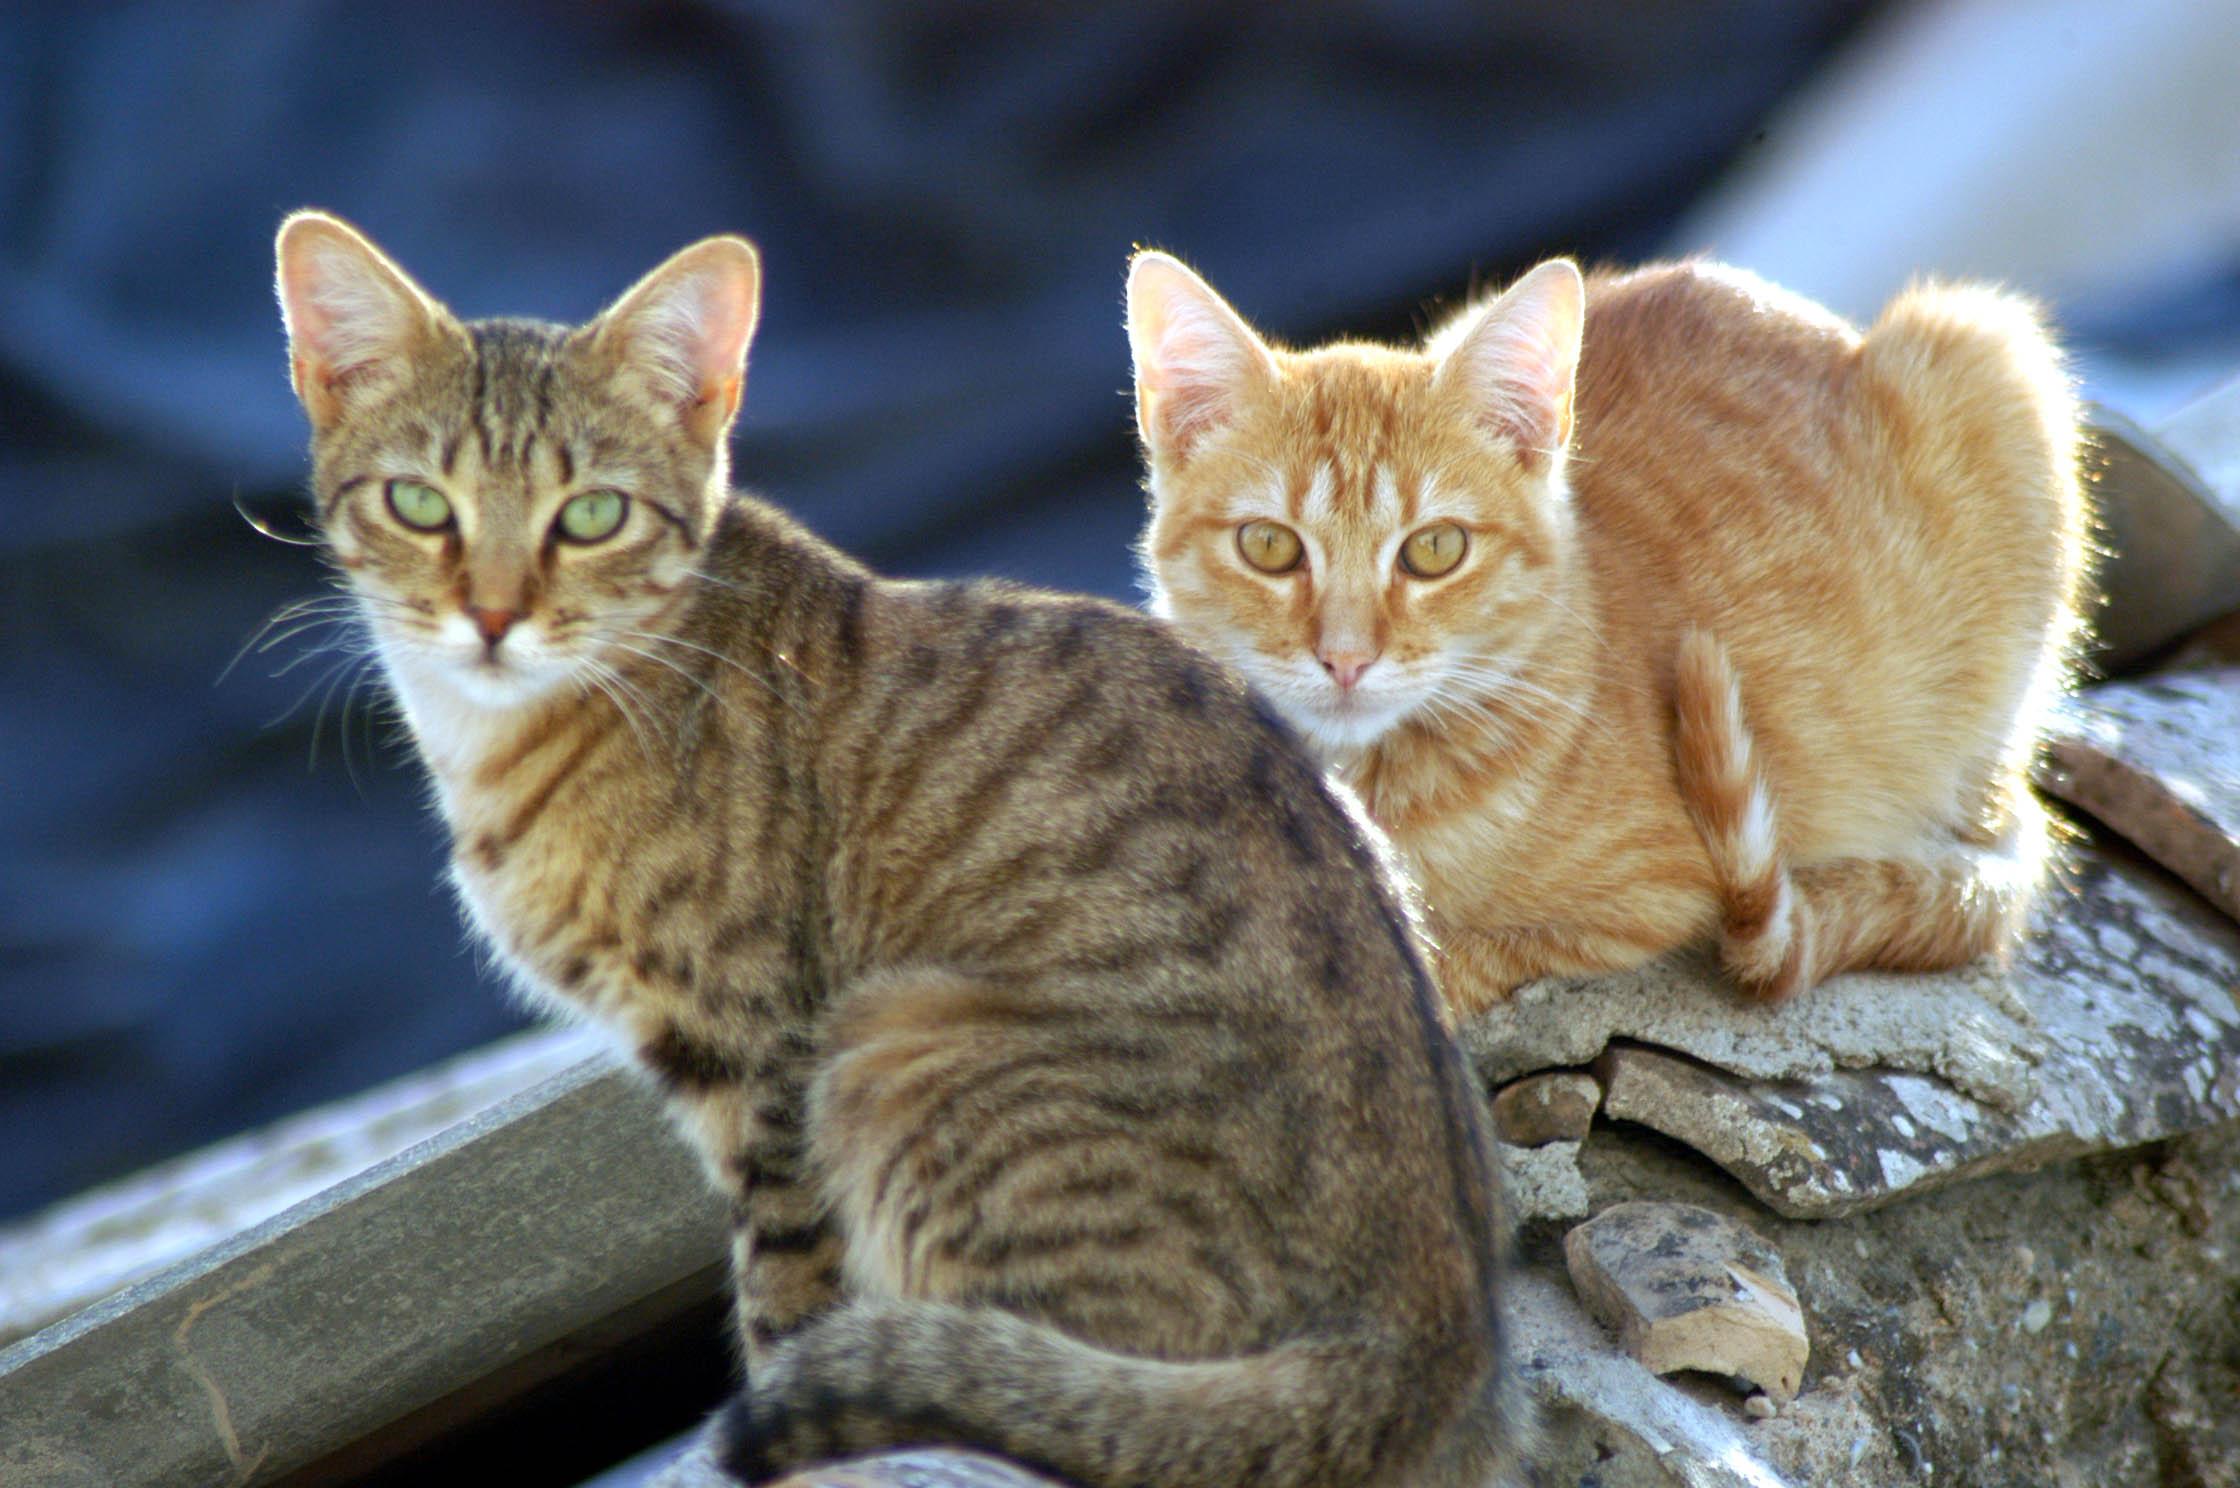 Diputación destina más de 65.000 euros a la protección y cuidado de animales en los municipios de la provincia